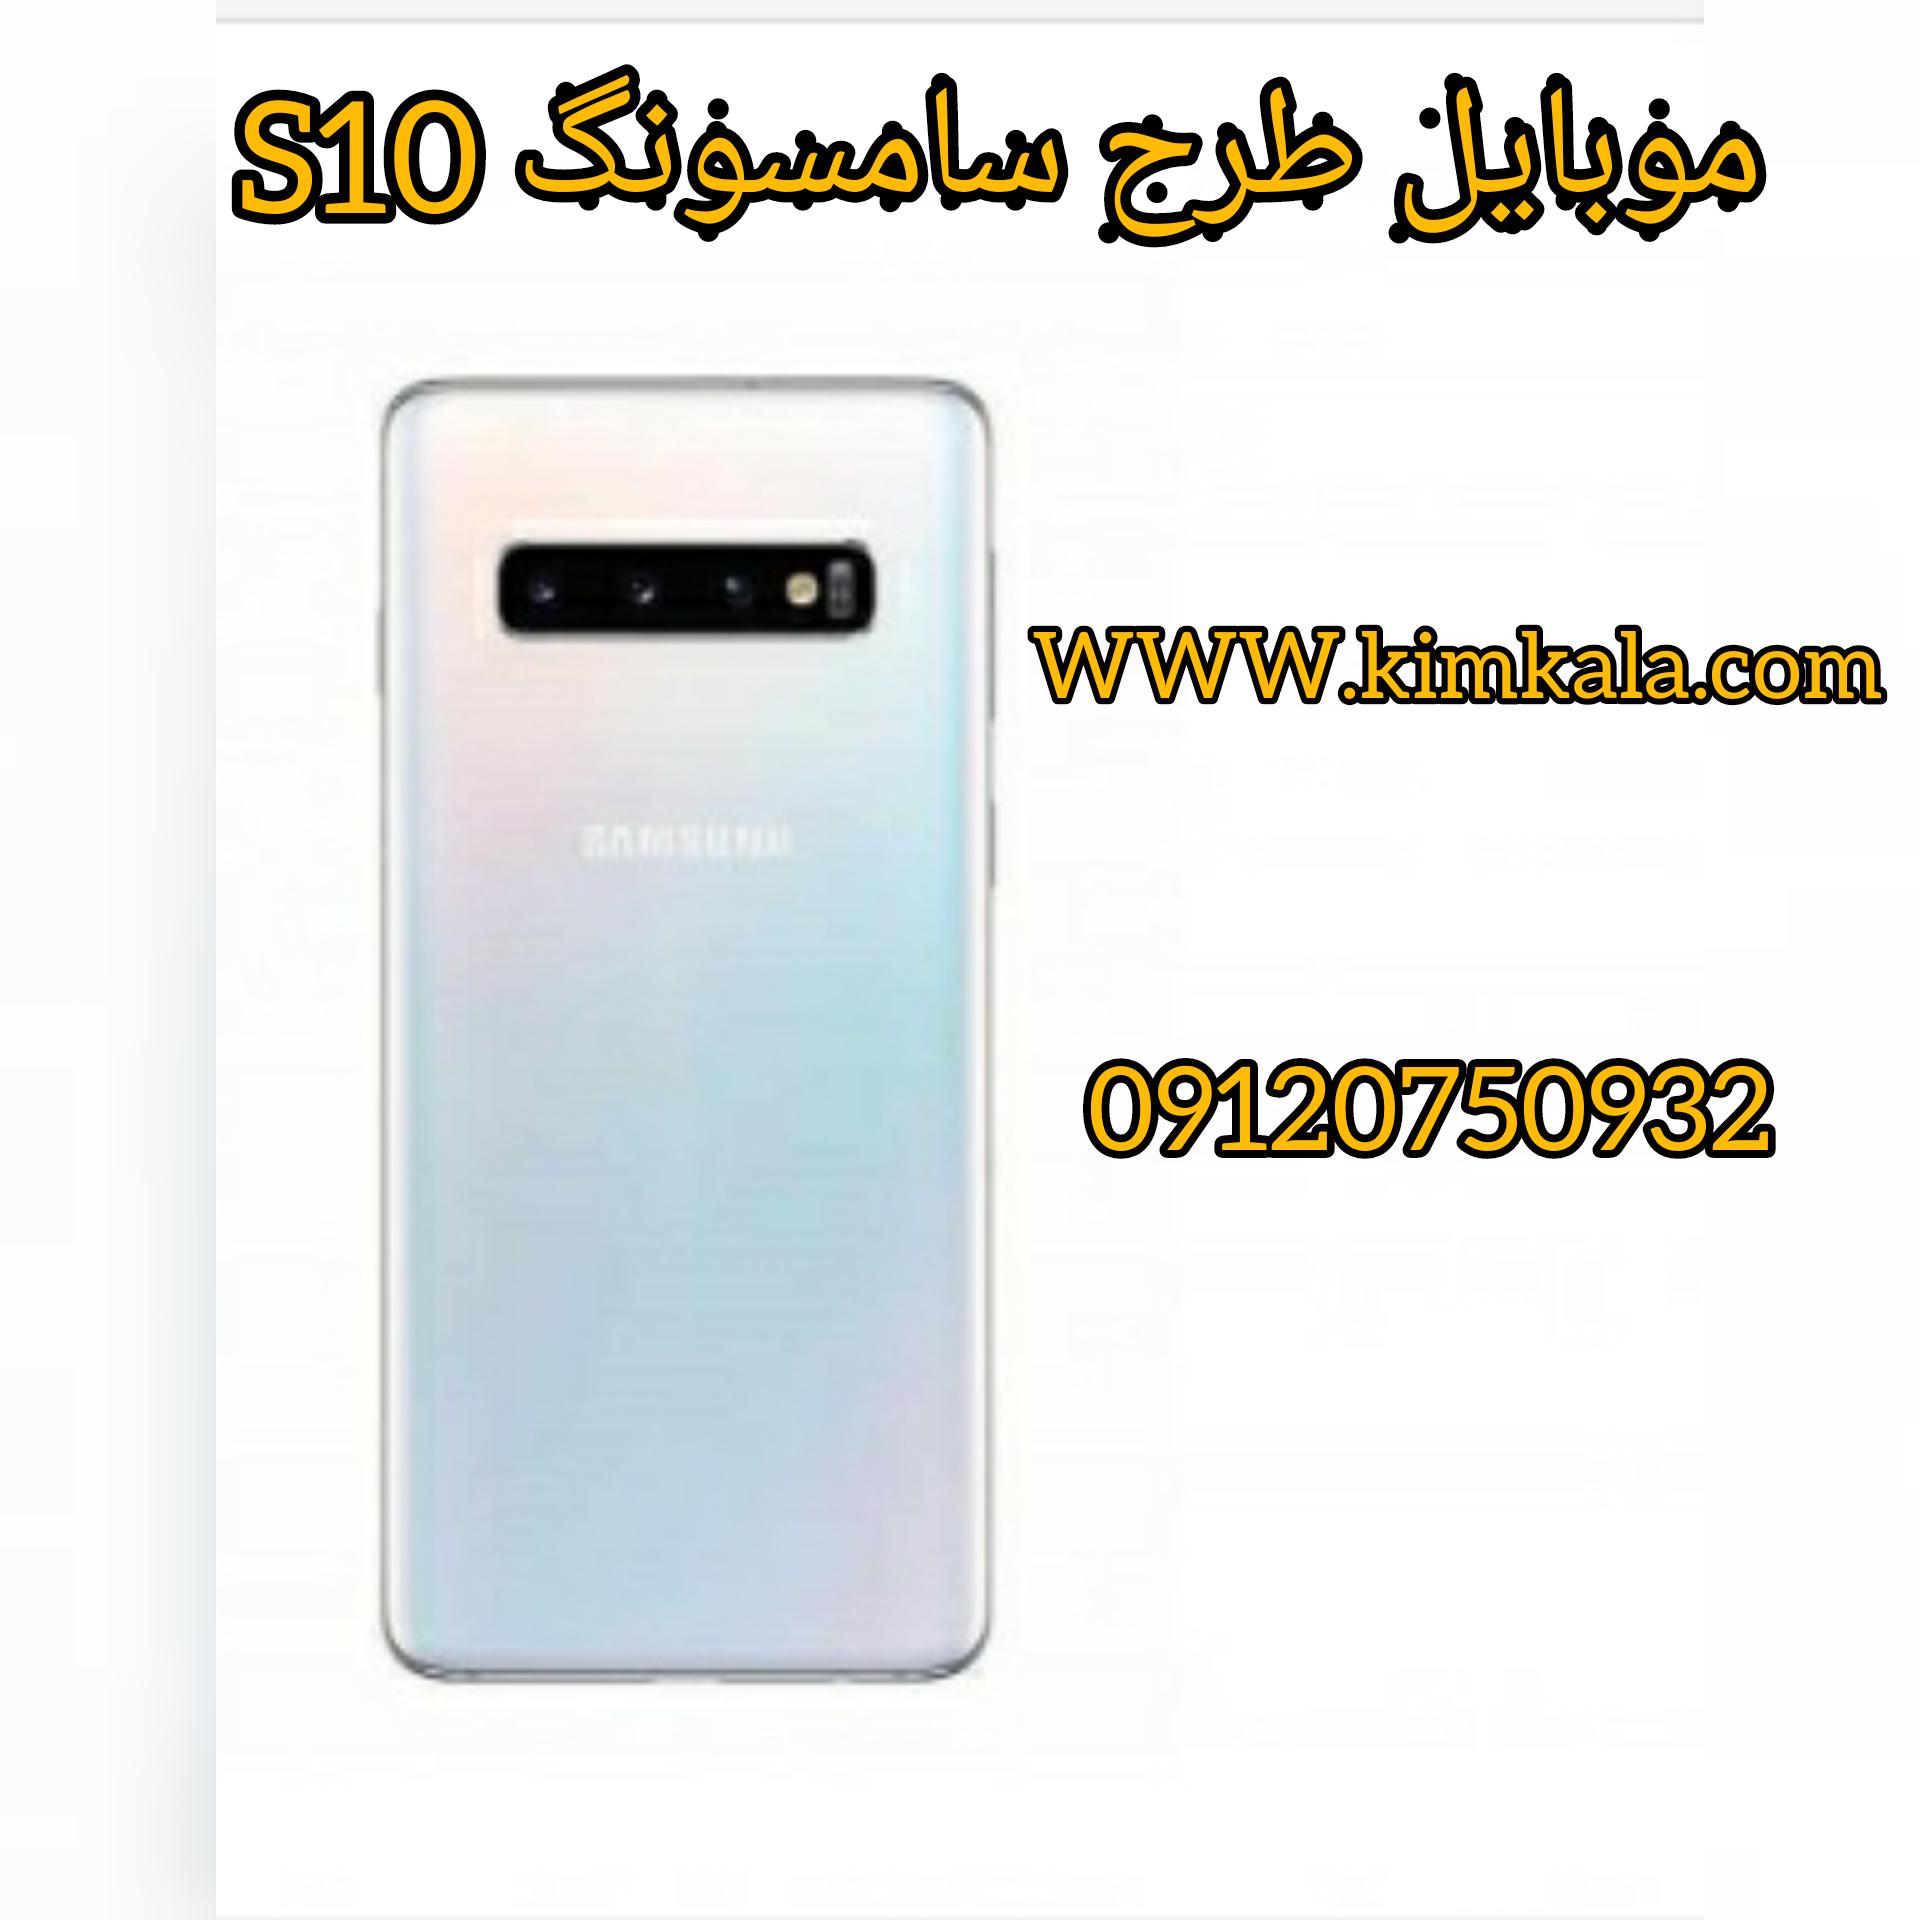 موبایل طرح سامسونگ S10/قیمت گوشی سامسونگ/09120750932